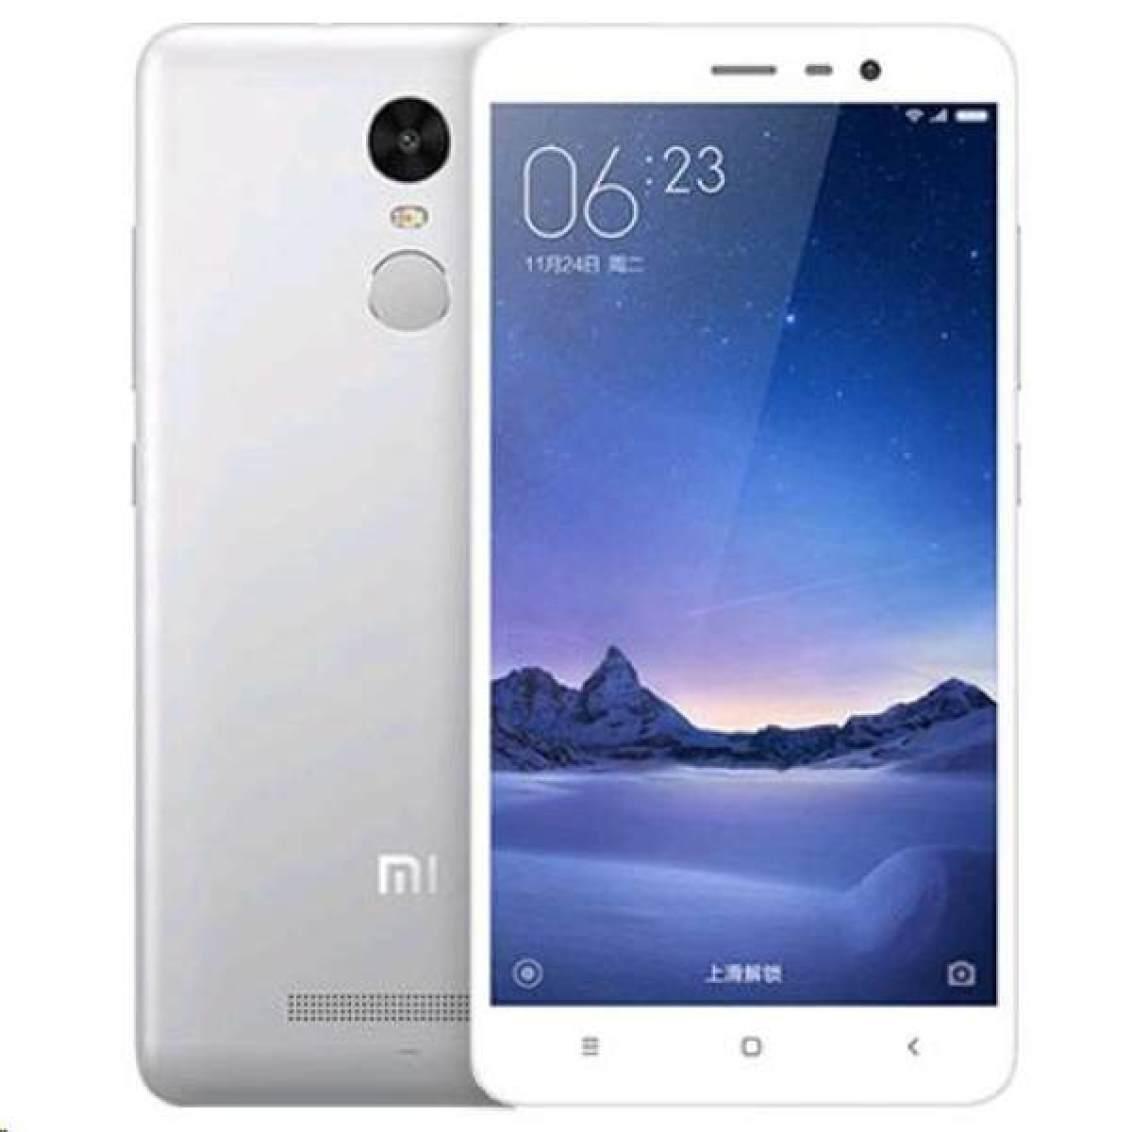 Hasil gambar untuk Xiaomi Redmi Note 3 Pro 4G Lte - RAM 3/32 GB - Silver